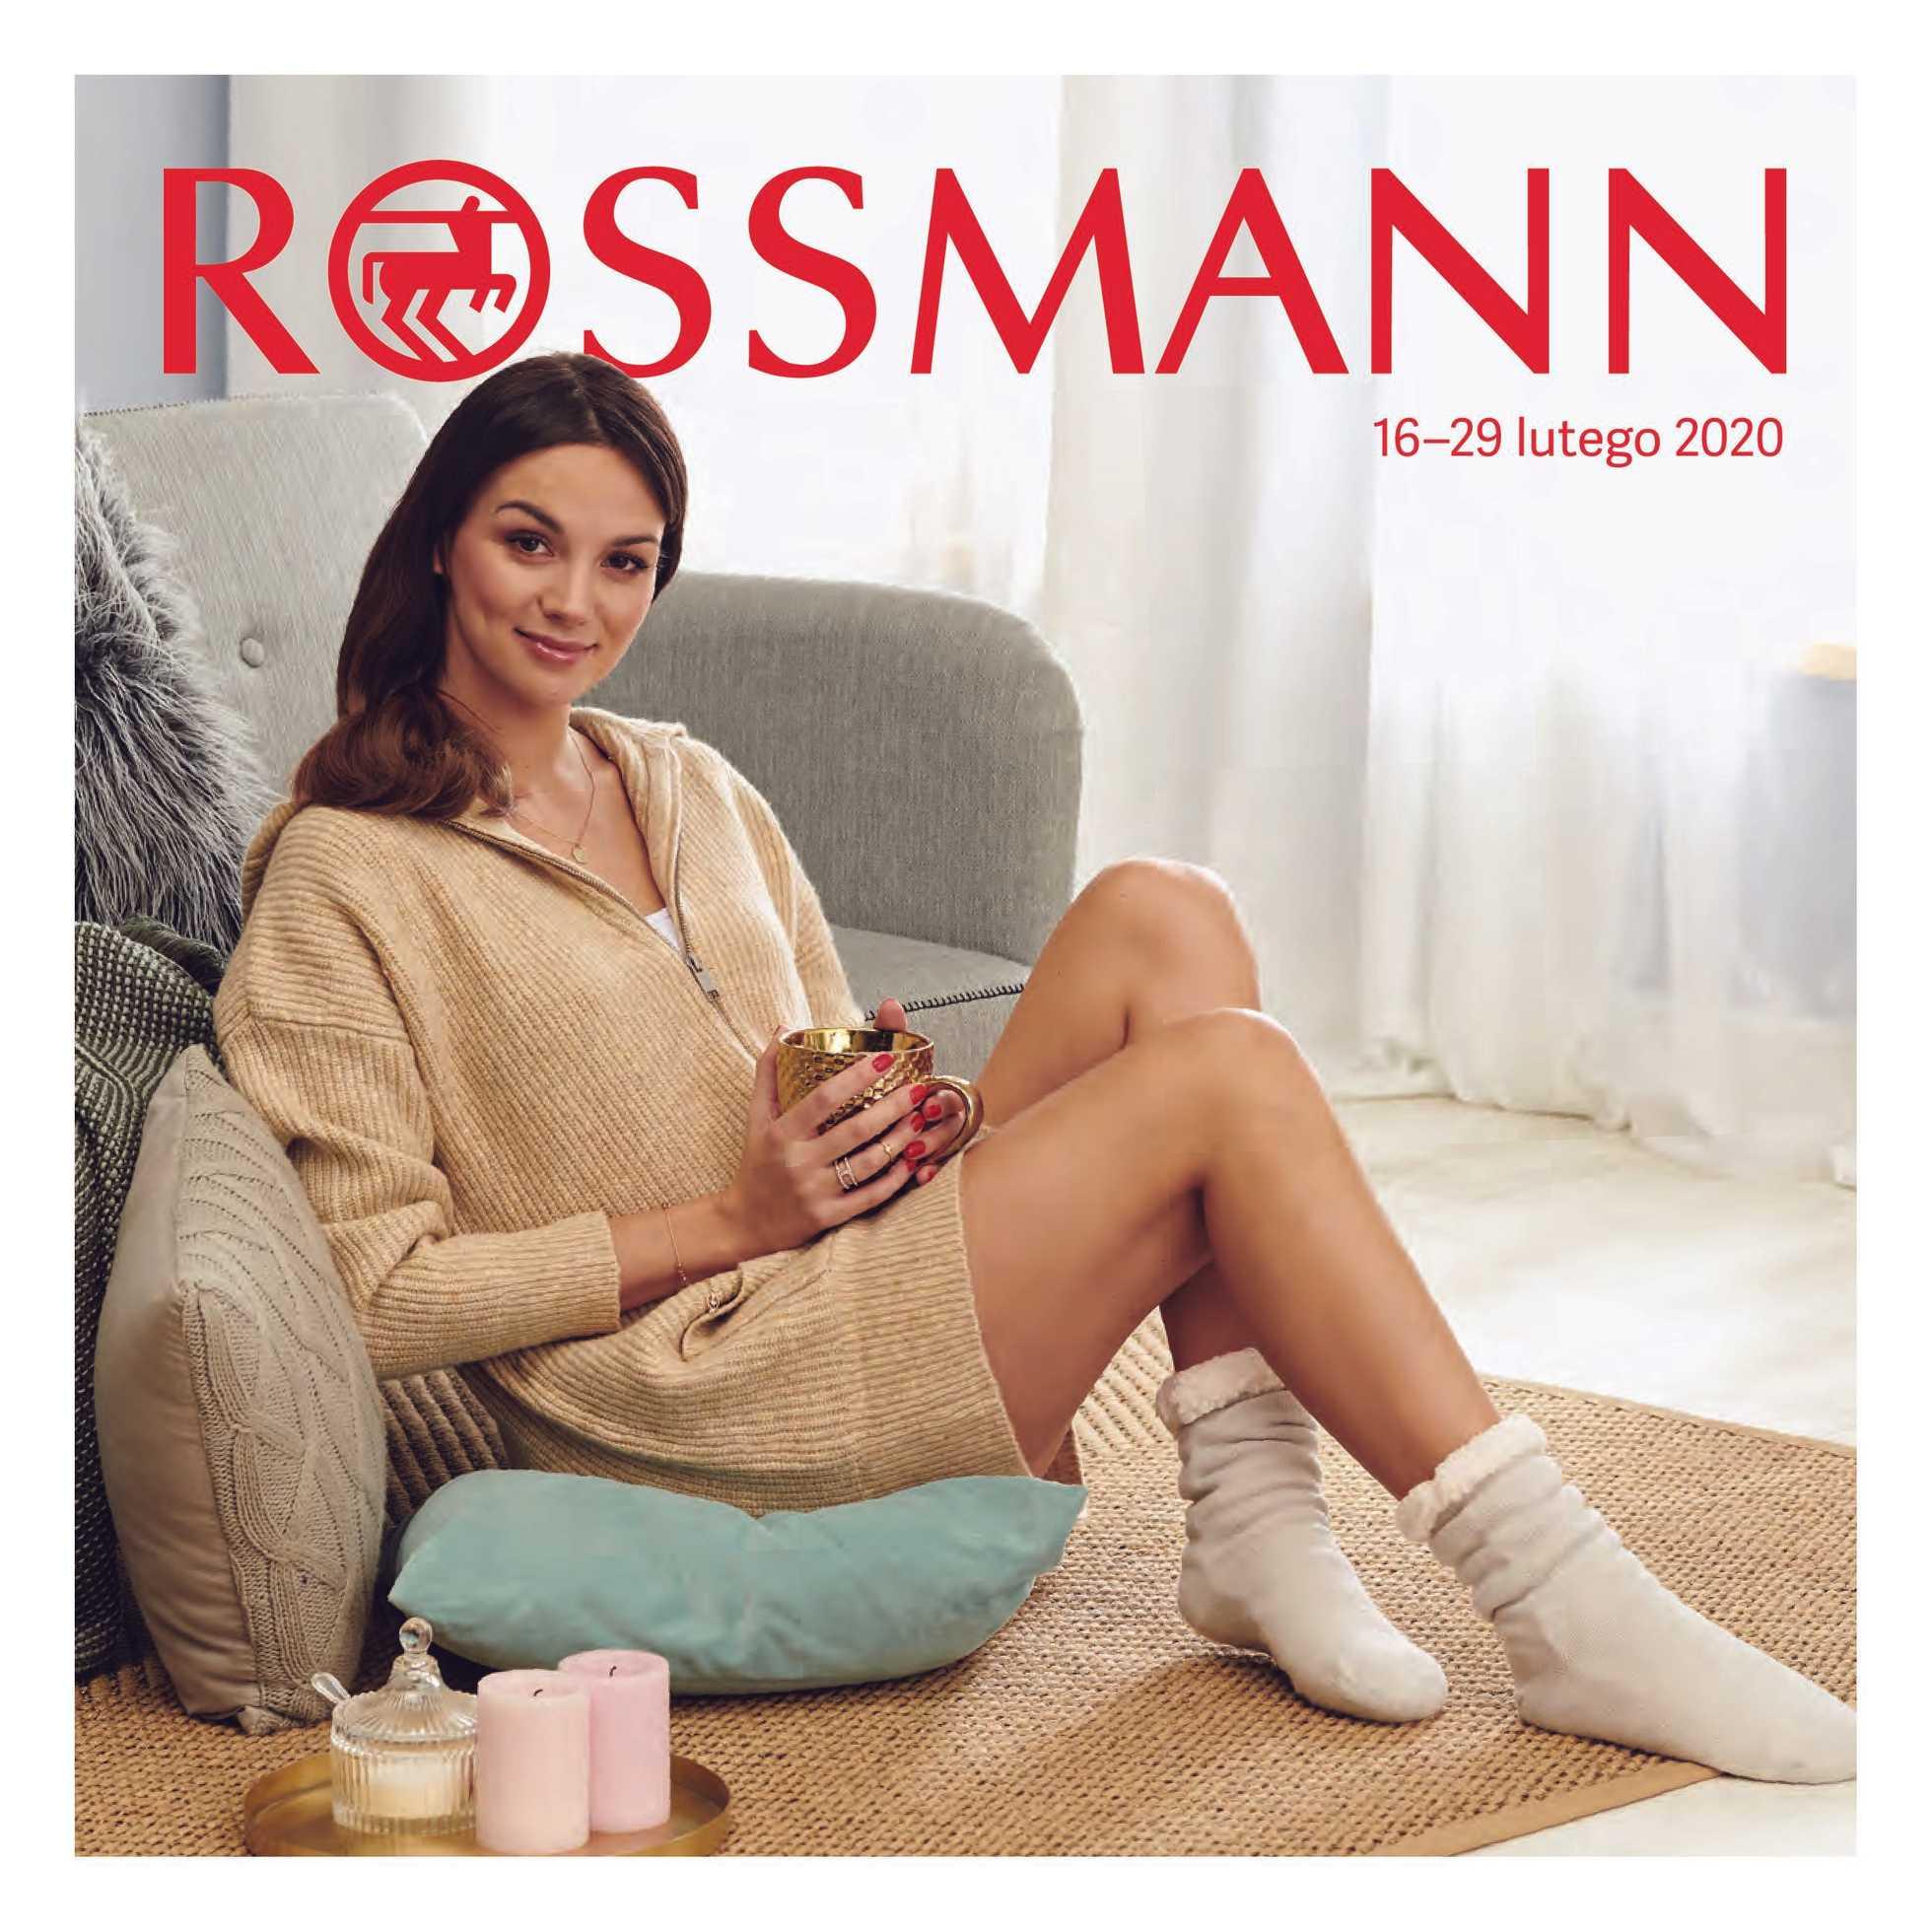 Rossmann - gazetka promocyjna ważna od 16.02.2020 do 29.02.2020 - strona 1.